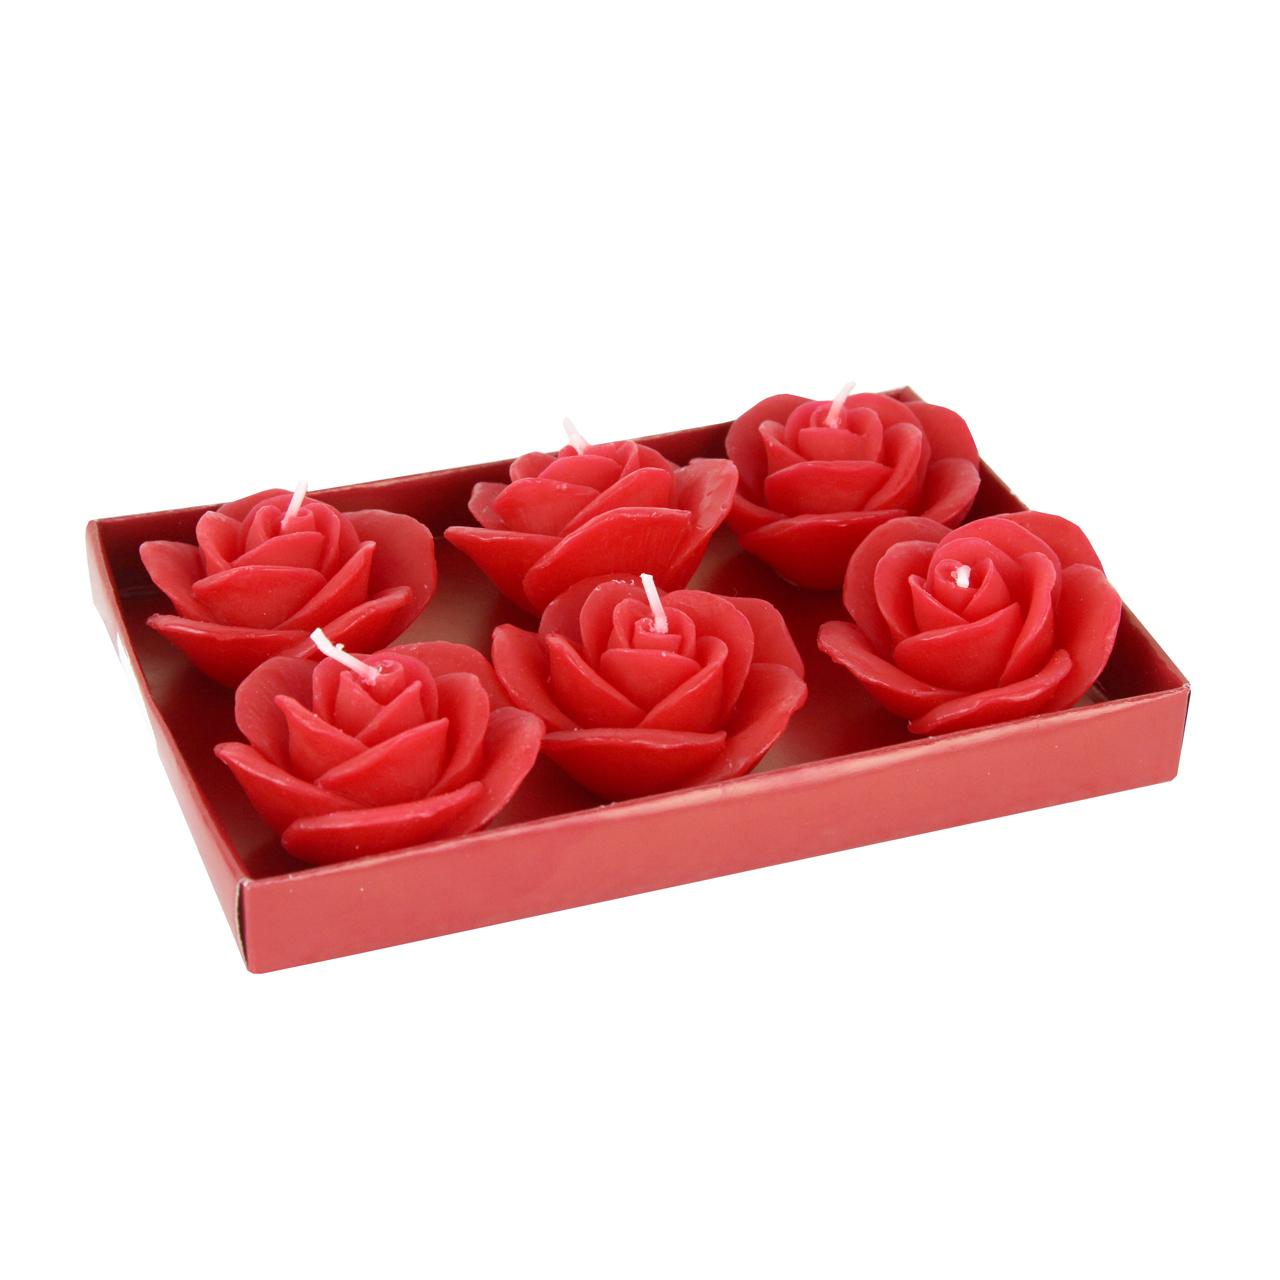 Cutie Cu 6 Lumanari Trandafiri Rosii